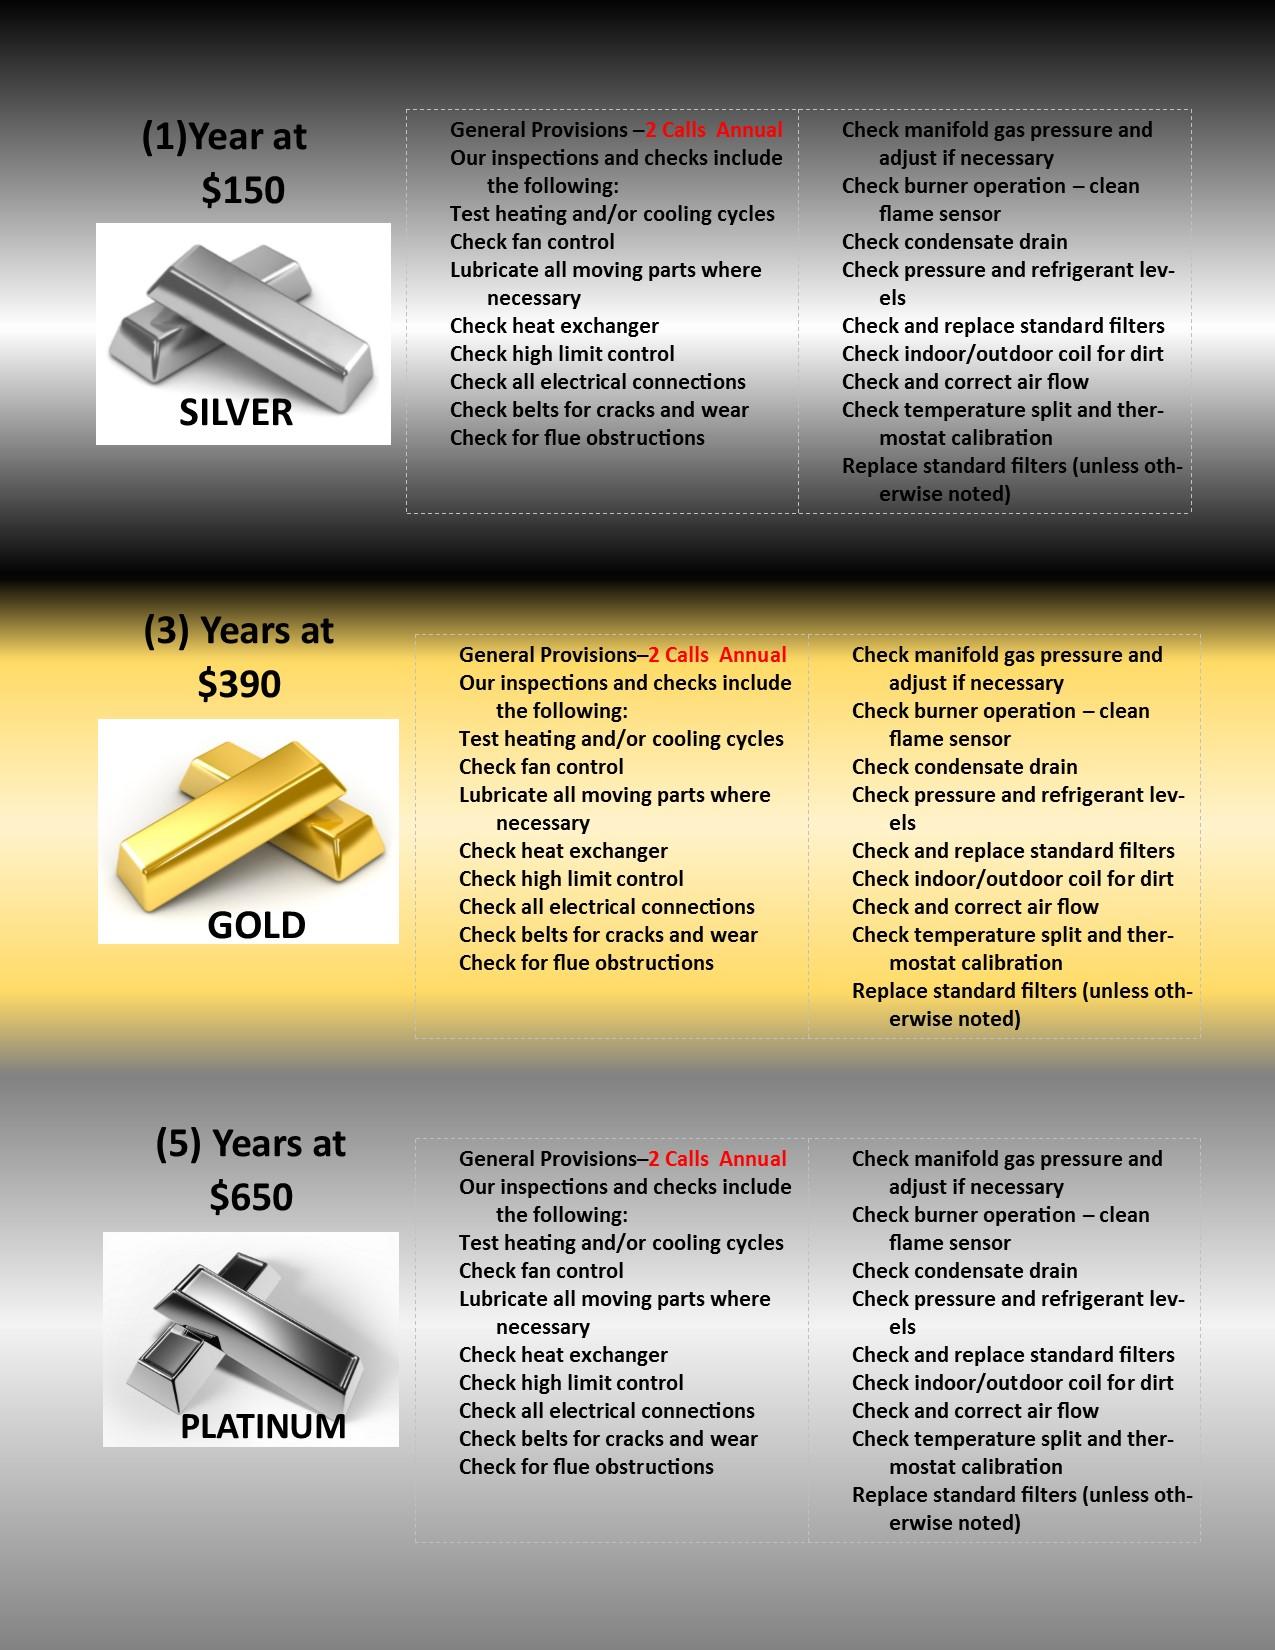 Platinum  5 years  10 Calls at 65$  15% Off Repairs  Standard filter replacement